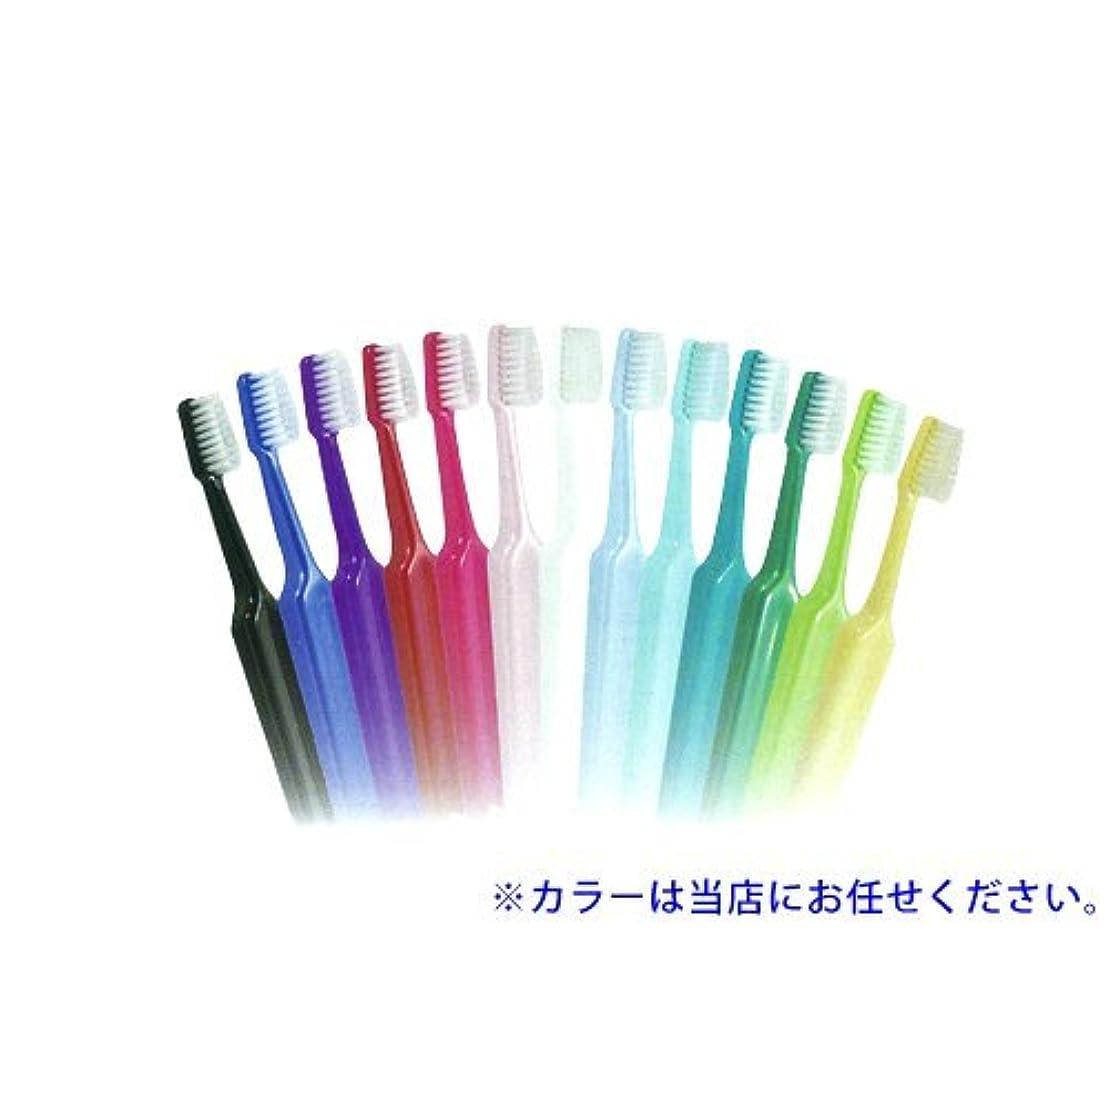 アクセス難民乱用クロスフィールド TePe テペ セレクトコンパクト 歯ブラシ 1本 コンパクト ミディアム